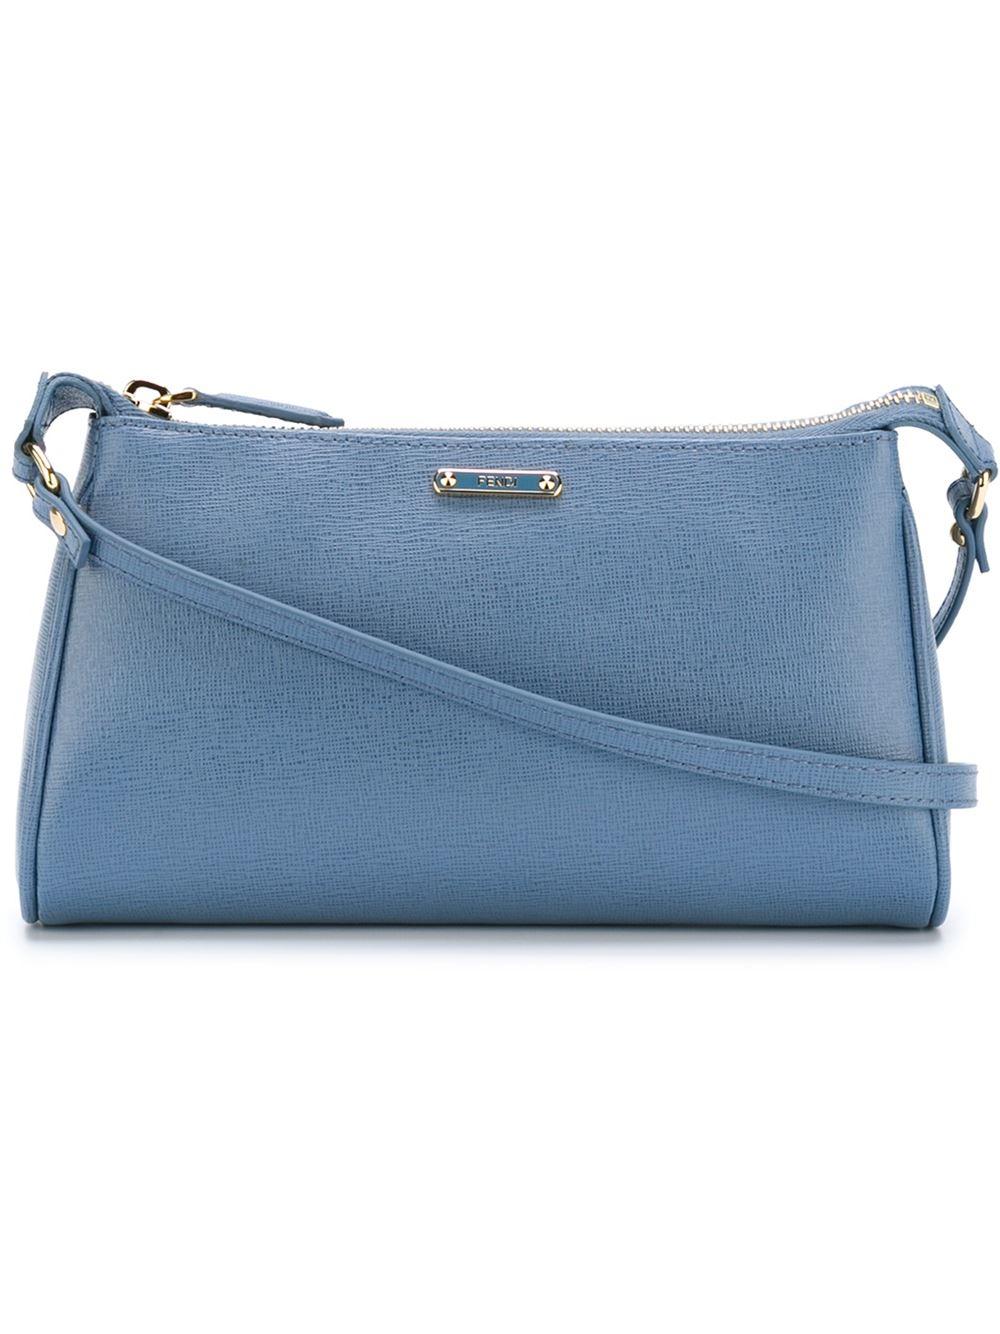 6049dd663156 ... france fendi micro crayons cross body bag in blue lyst aa65a 10174